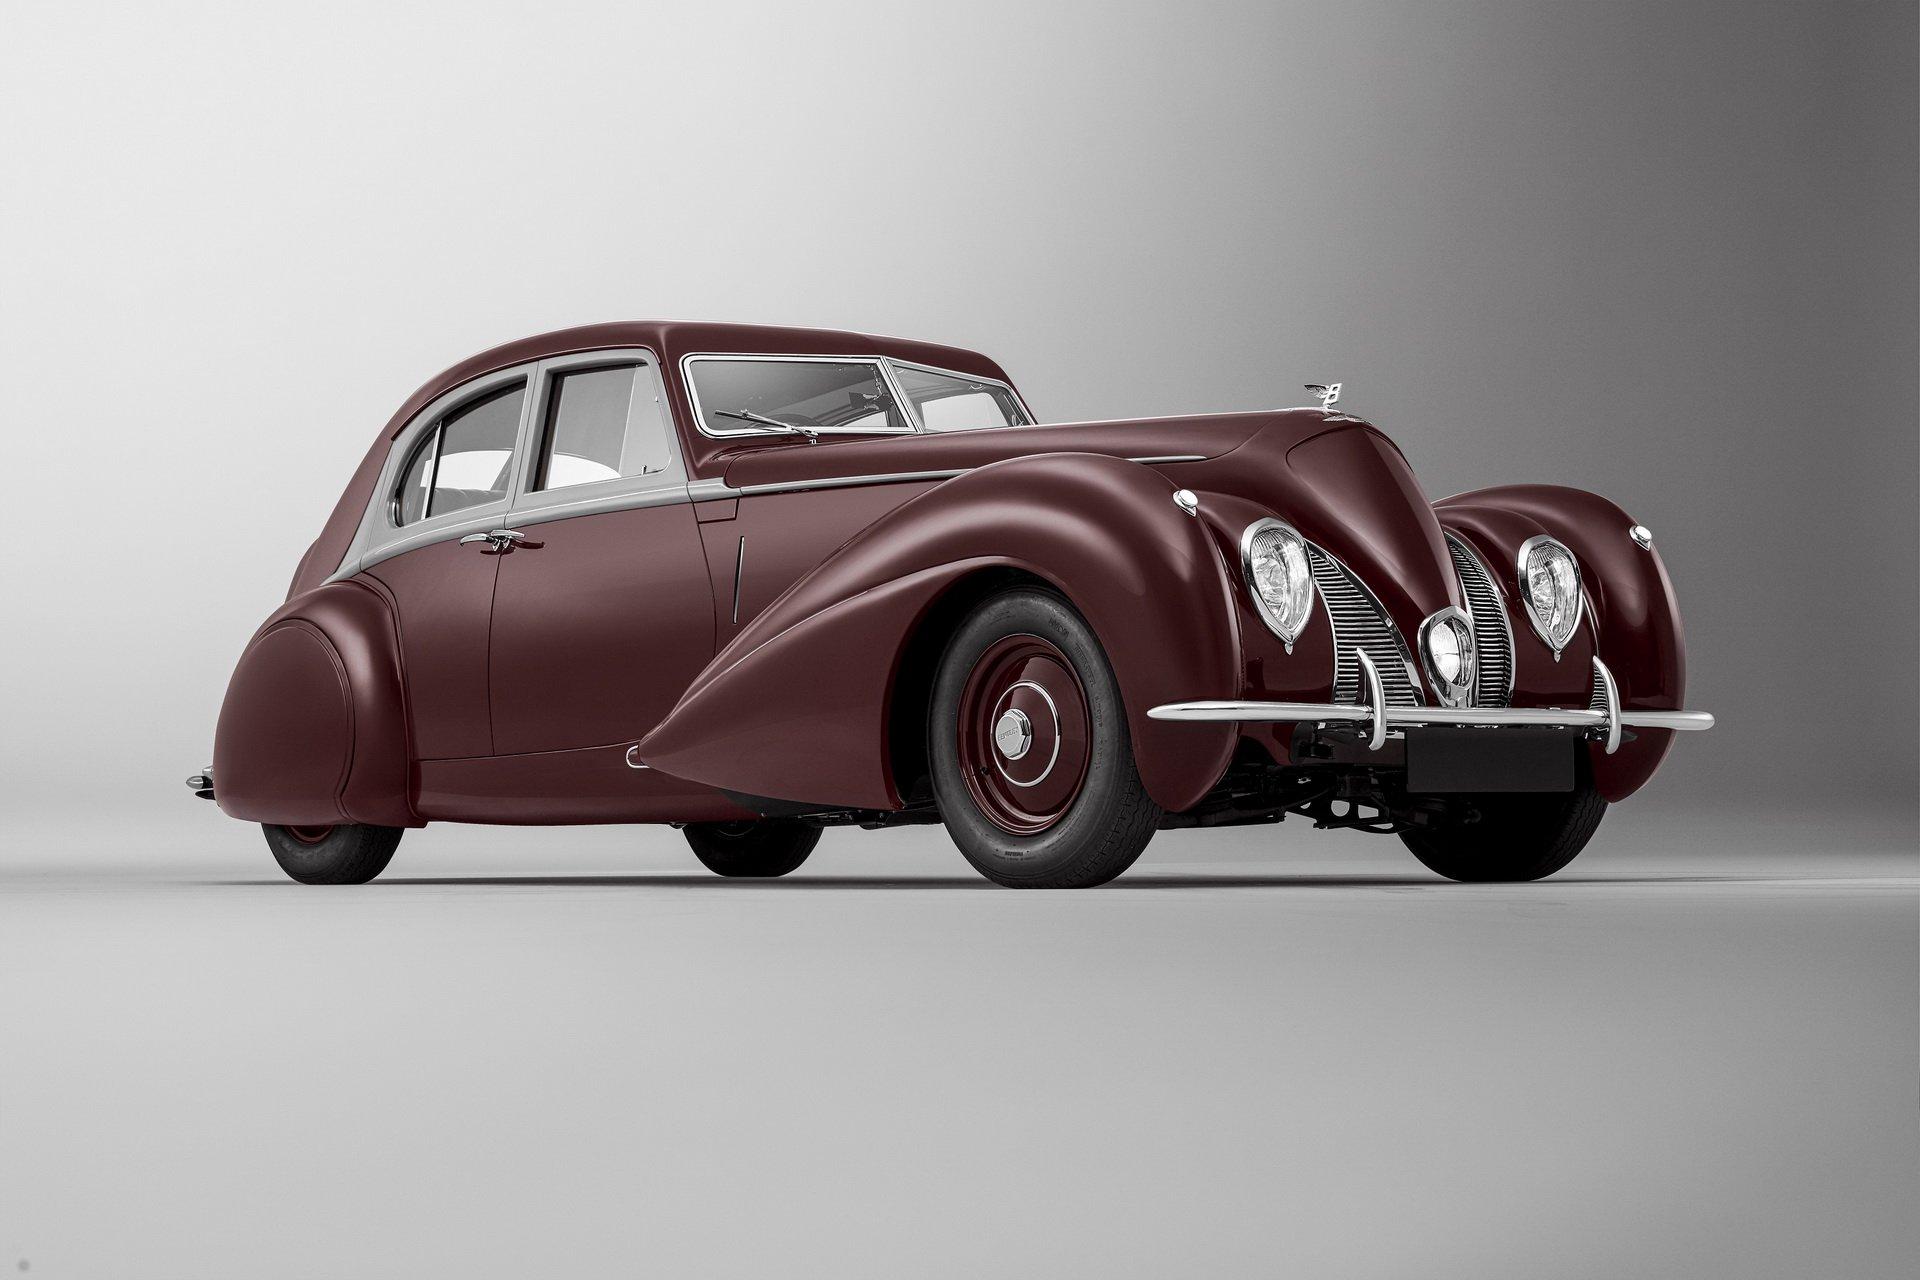 Внутреннее подразделение Bentley – Mulliner – закончило работы по воссозданию седана Corniche, который был утерян во время Второй мировой войны. Оригинальный автомобиль был построен в 1939 году: кузов спроектирован парижским ателье Carrosserie Vanvooren, а агрегаты взяты от Bentley Mark V.